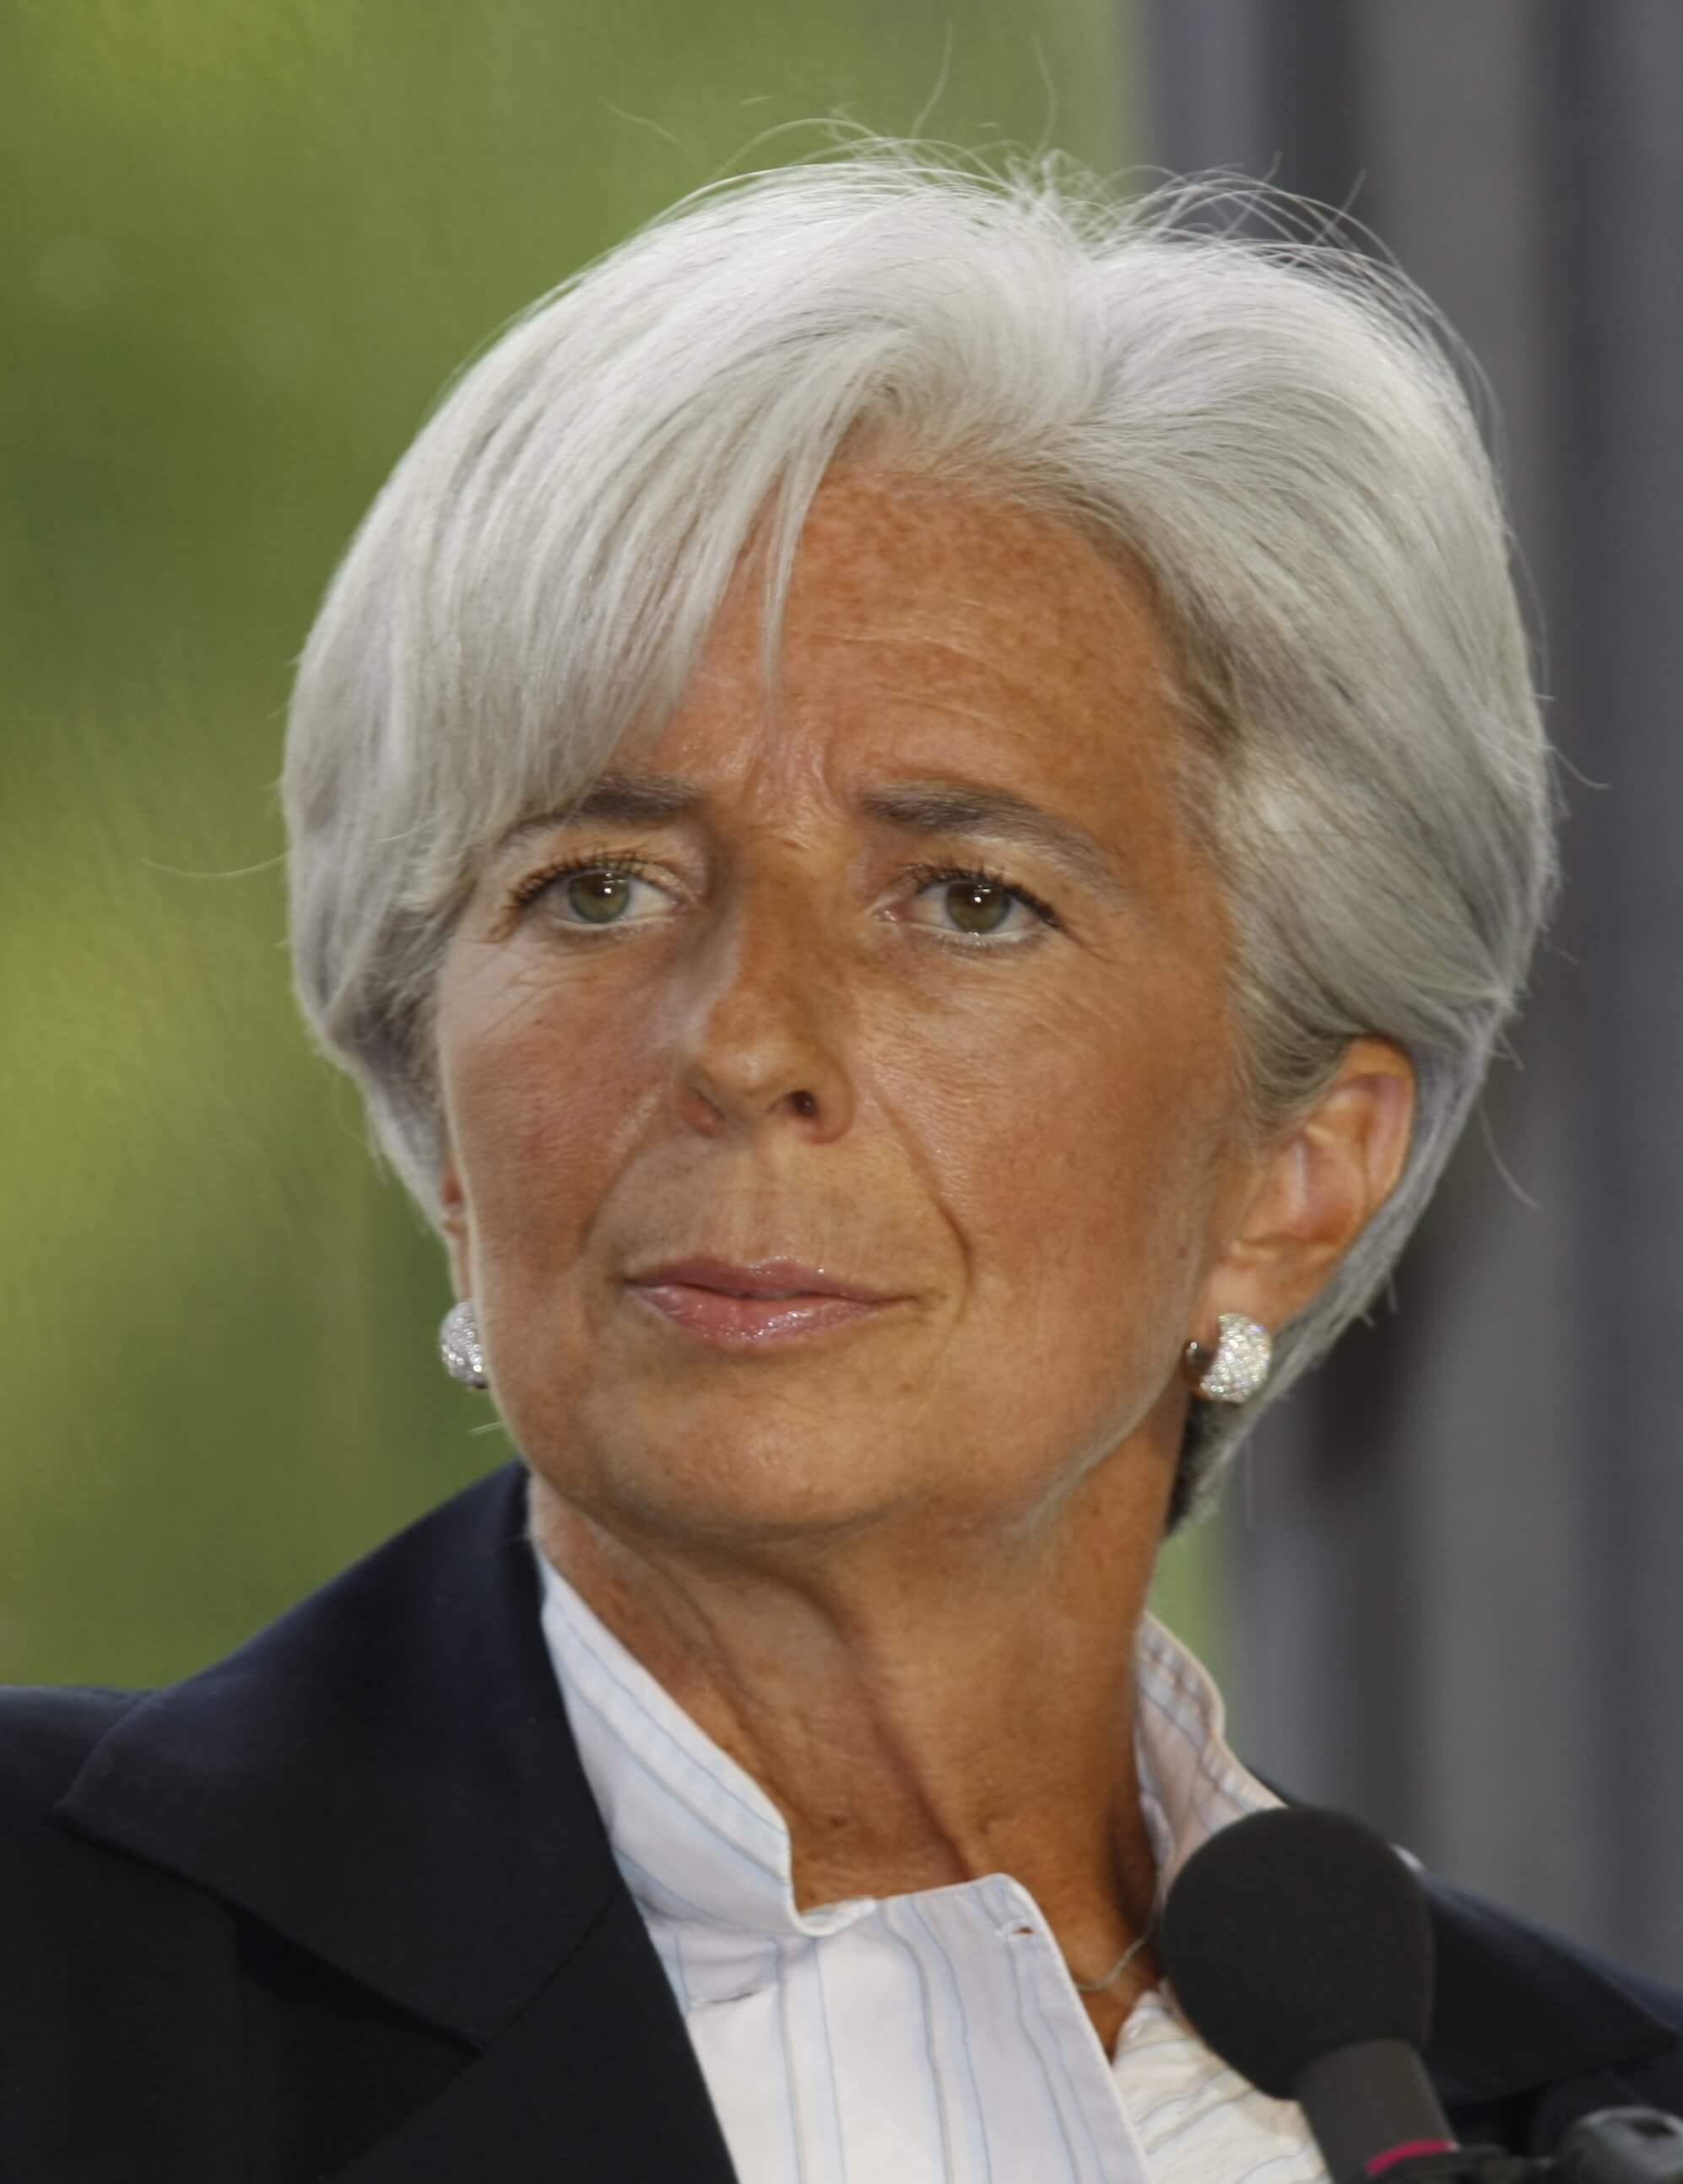 Woche der Wahrheit für Griechenland: In dieser Woche soll Griechenland 460 Millionen Euro an den Internationalen Währungsfonds zurückzahlen.